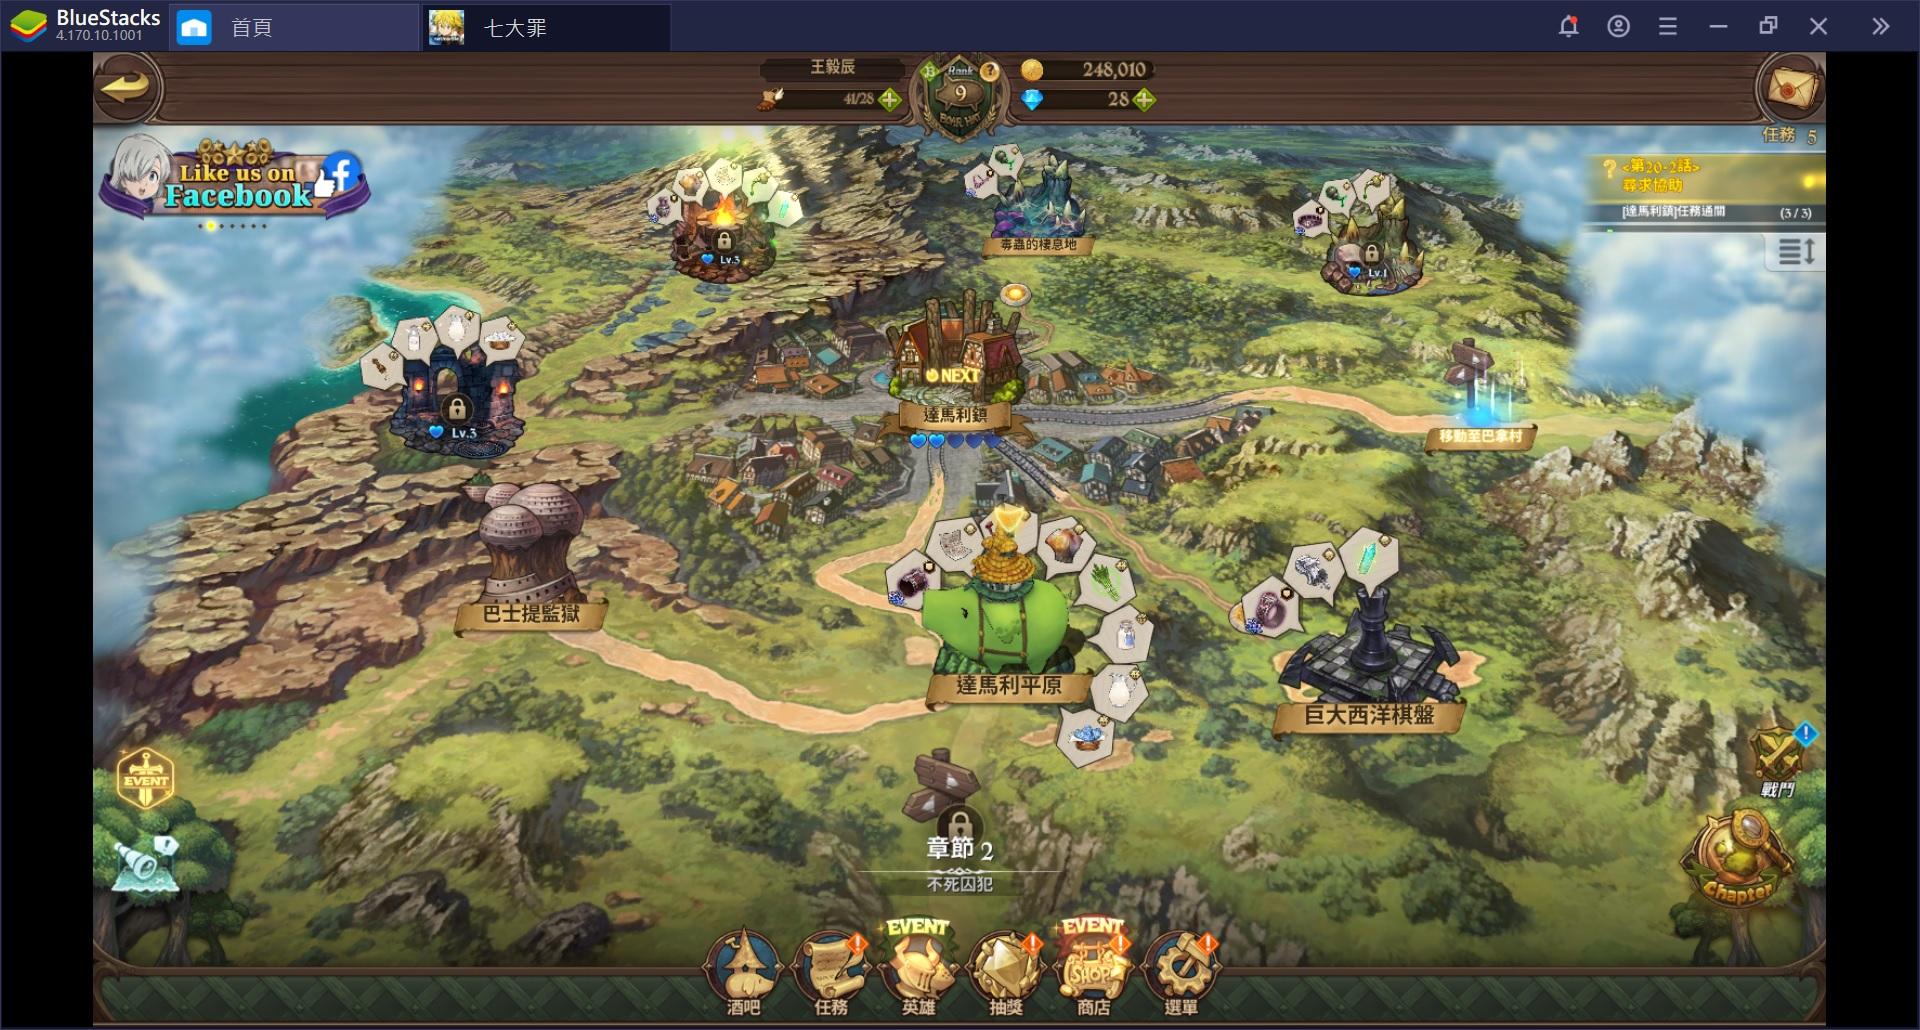 冒險 RPG 手機遊戲巨作《七大罪:光與暗之交戰》:新手必知的遊戲常識